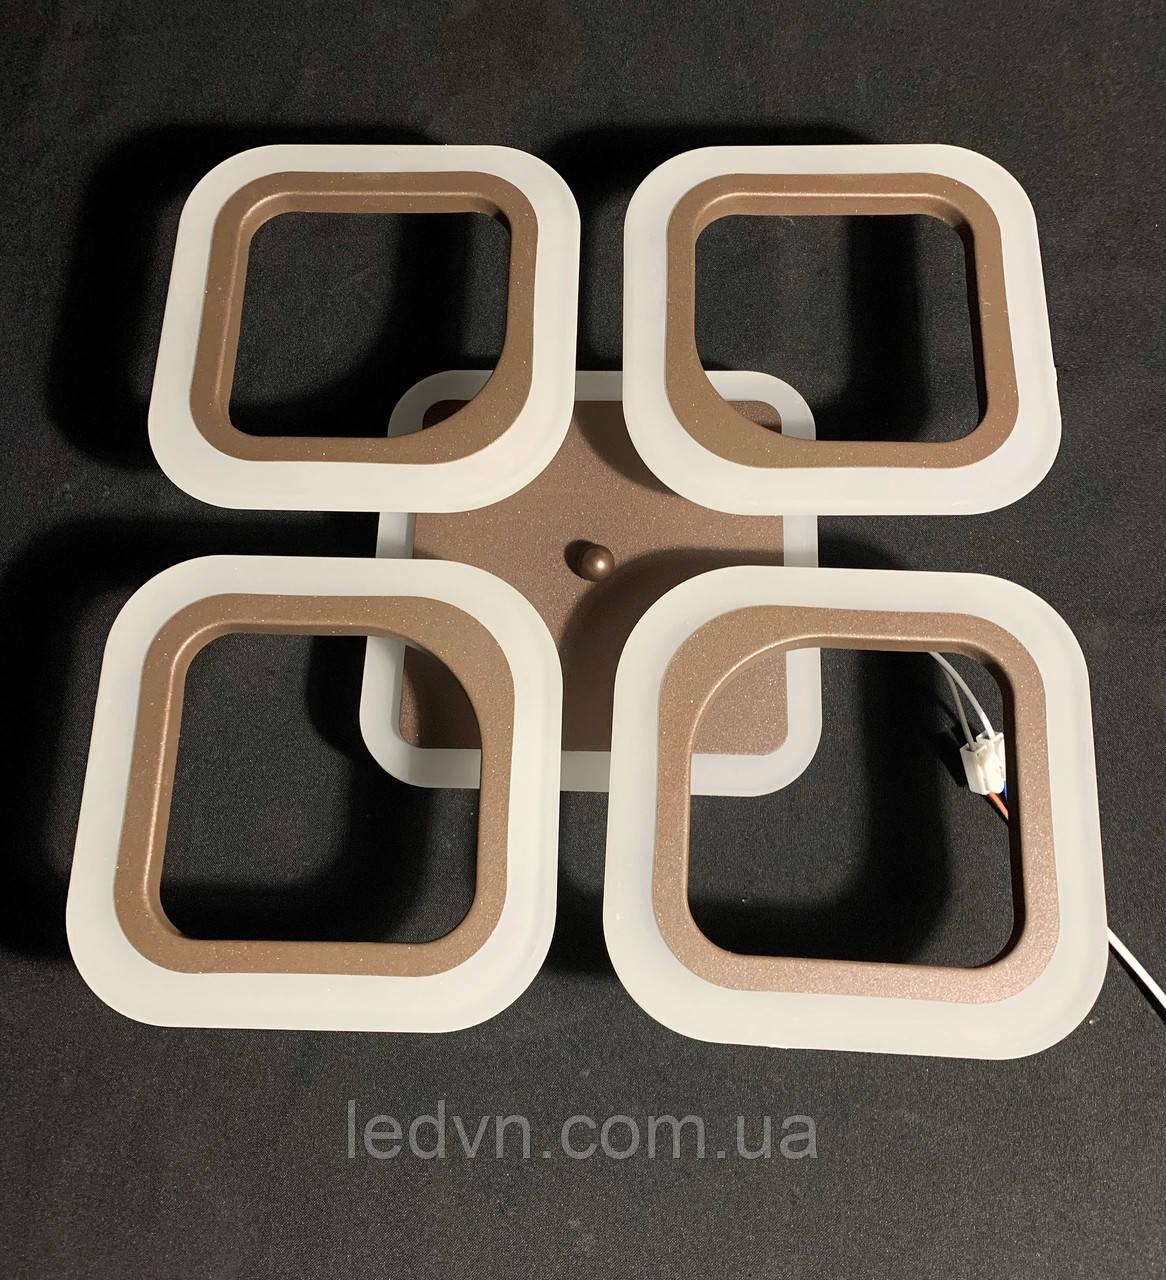 Светодиодная  люстра на 4 квадрата коричневая 55 ватт